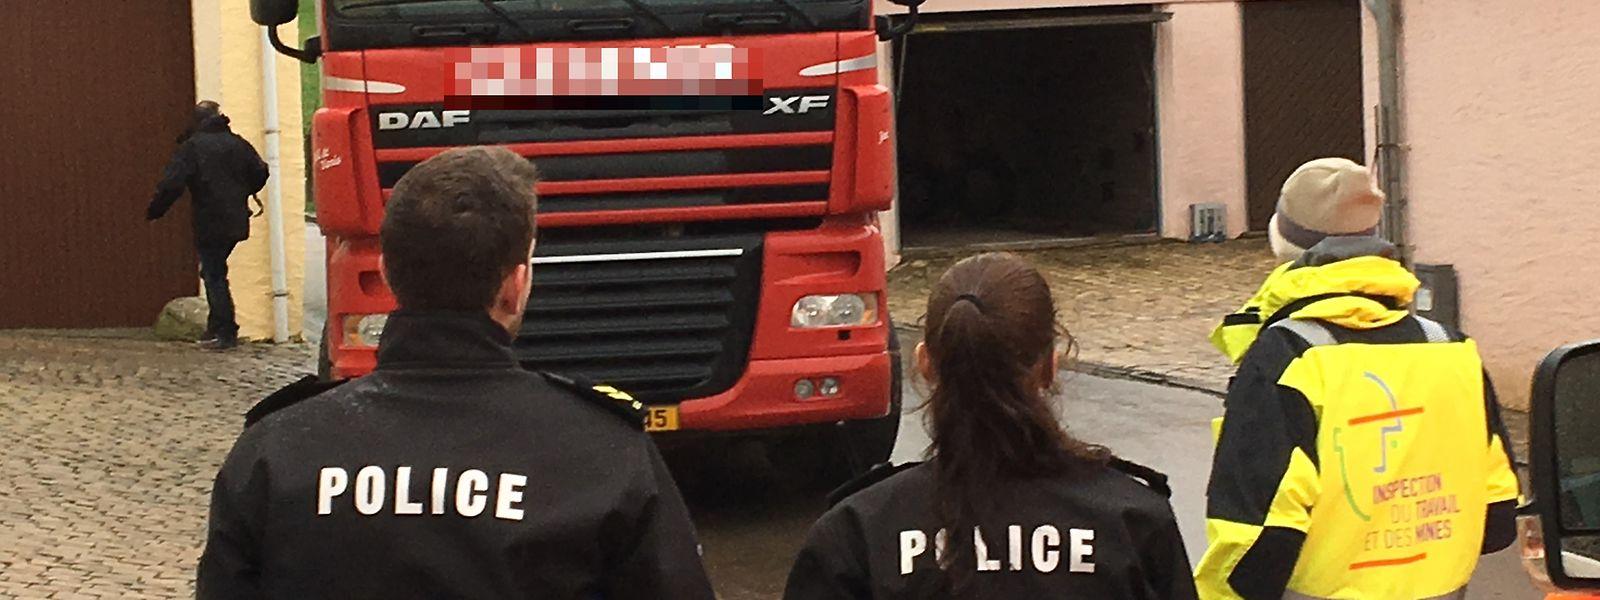 Der Fahrer erfasste den 68-jährigen Mann beim Manövrieren seines Lastwagens.